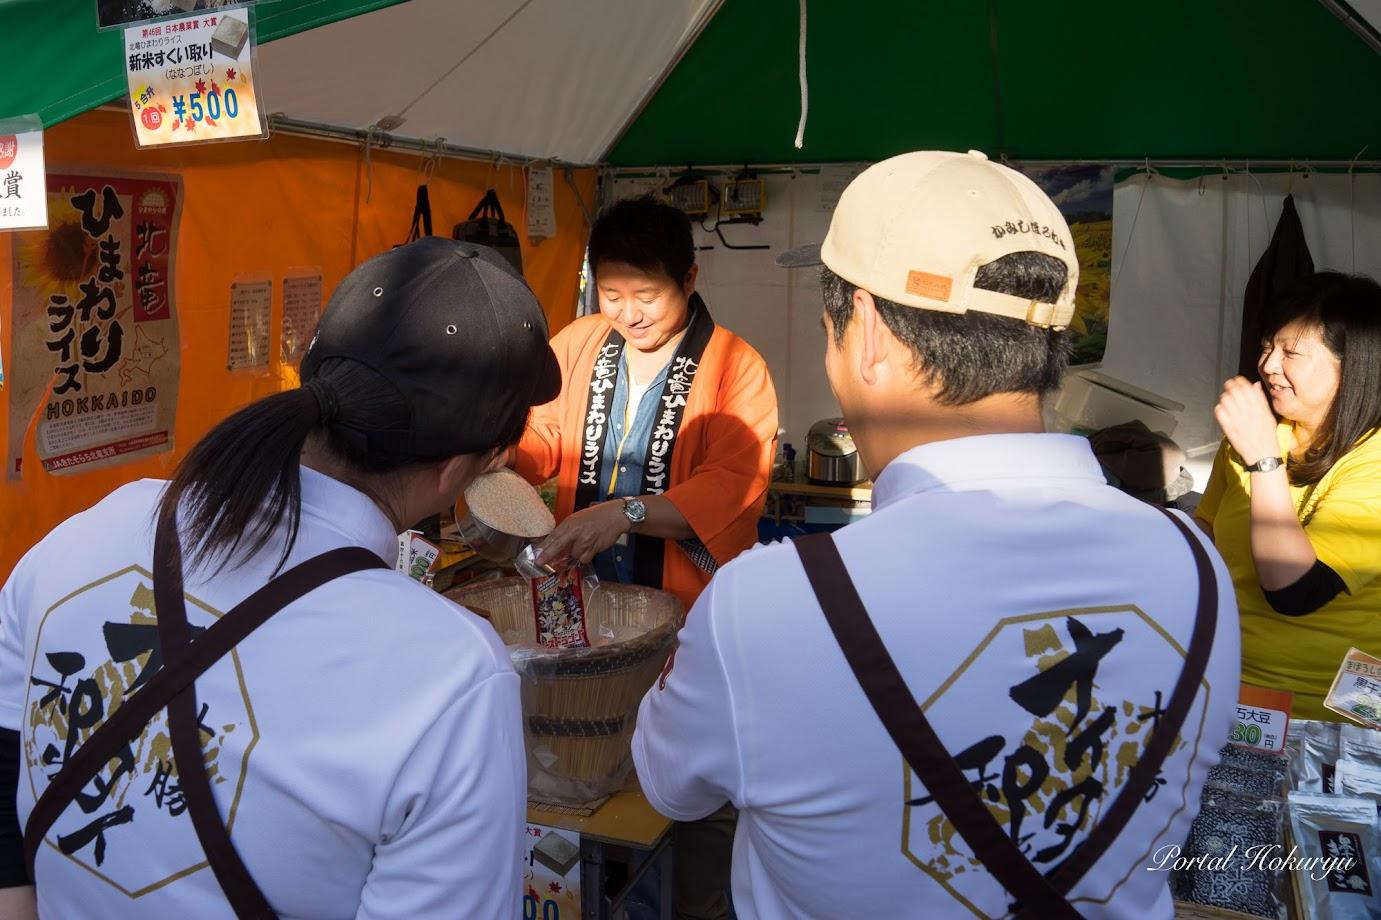 上士幌町のスタッフの方々がご来店